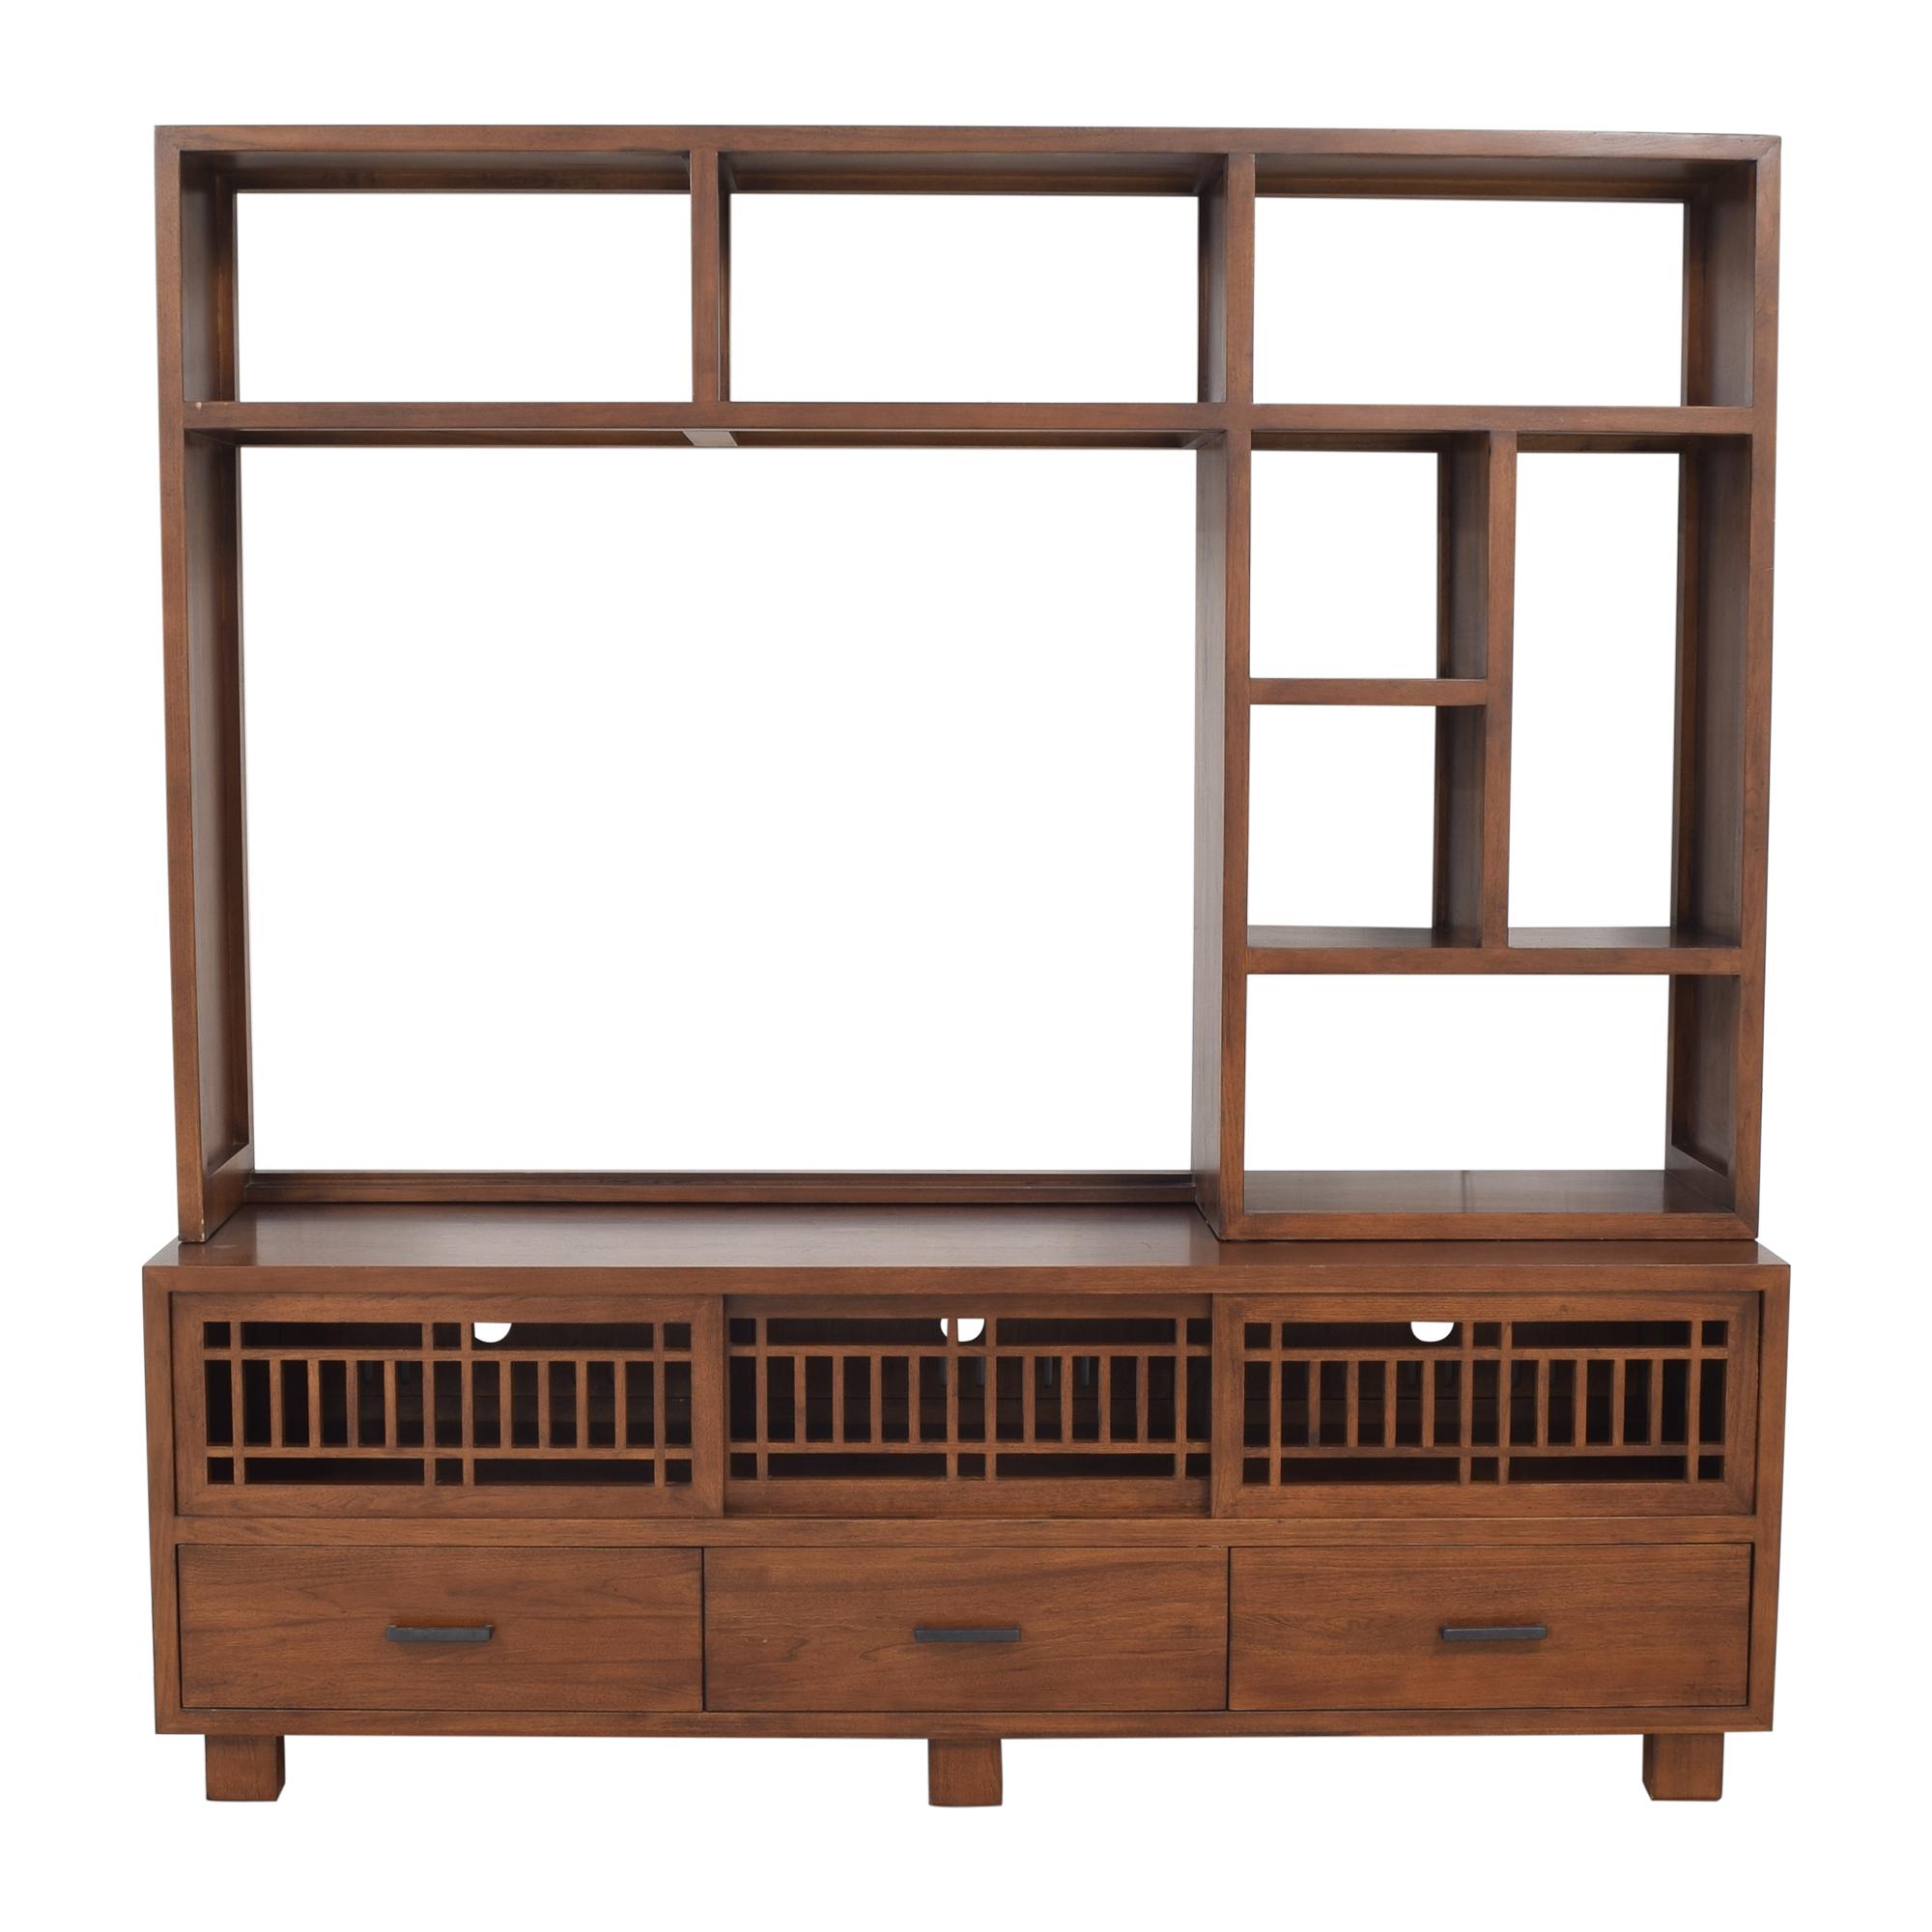 buy Crate & Barrel Crate & Barrel Maria Yee Entertainment Center online